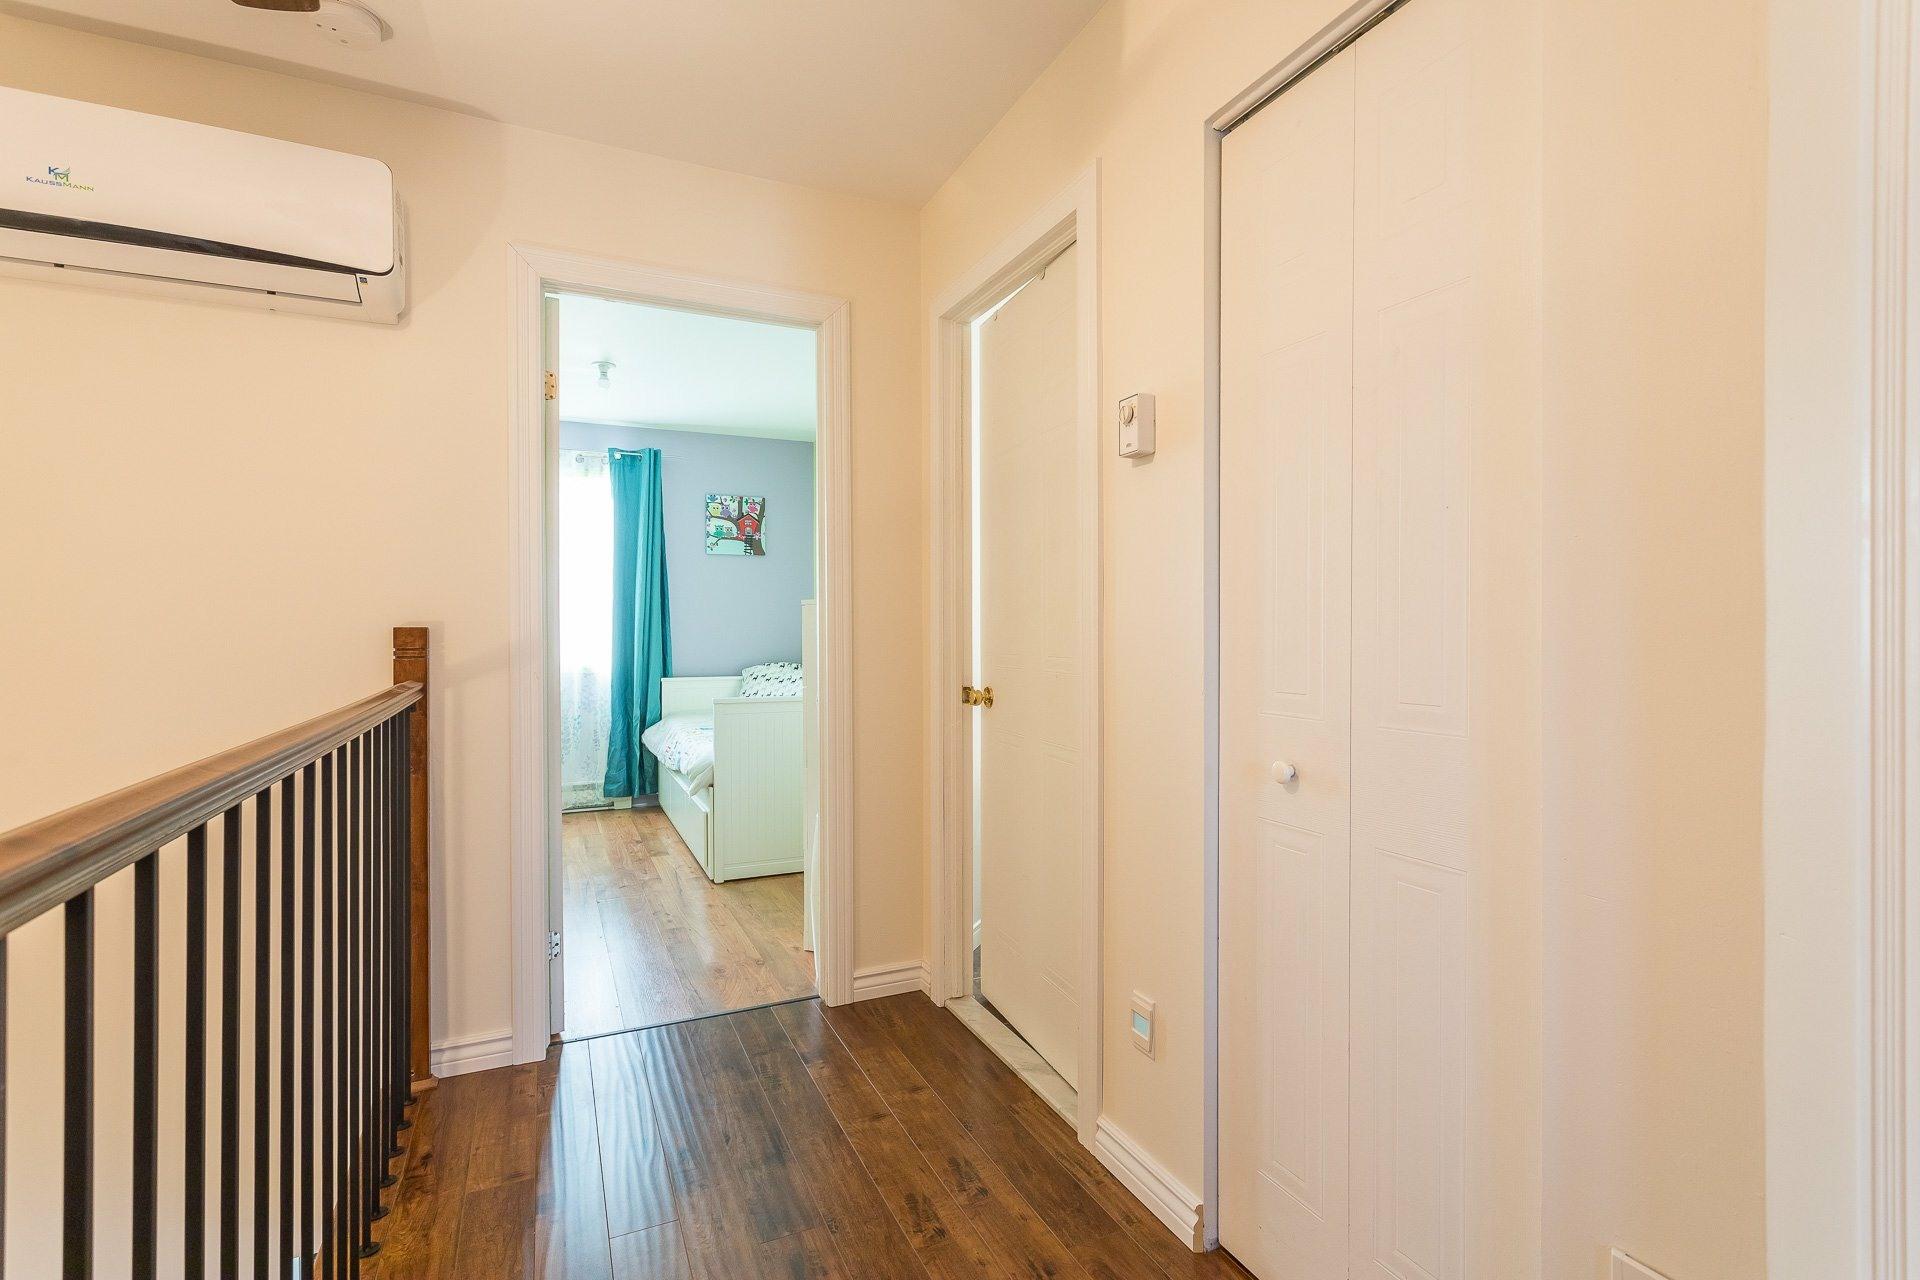 image 15 - House For sale Rivière-des-Prairies/Pointe-aux-Trembles Montréal  - 9 rooms